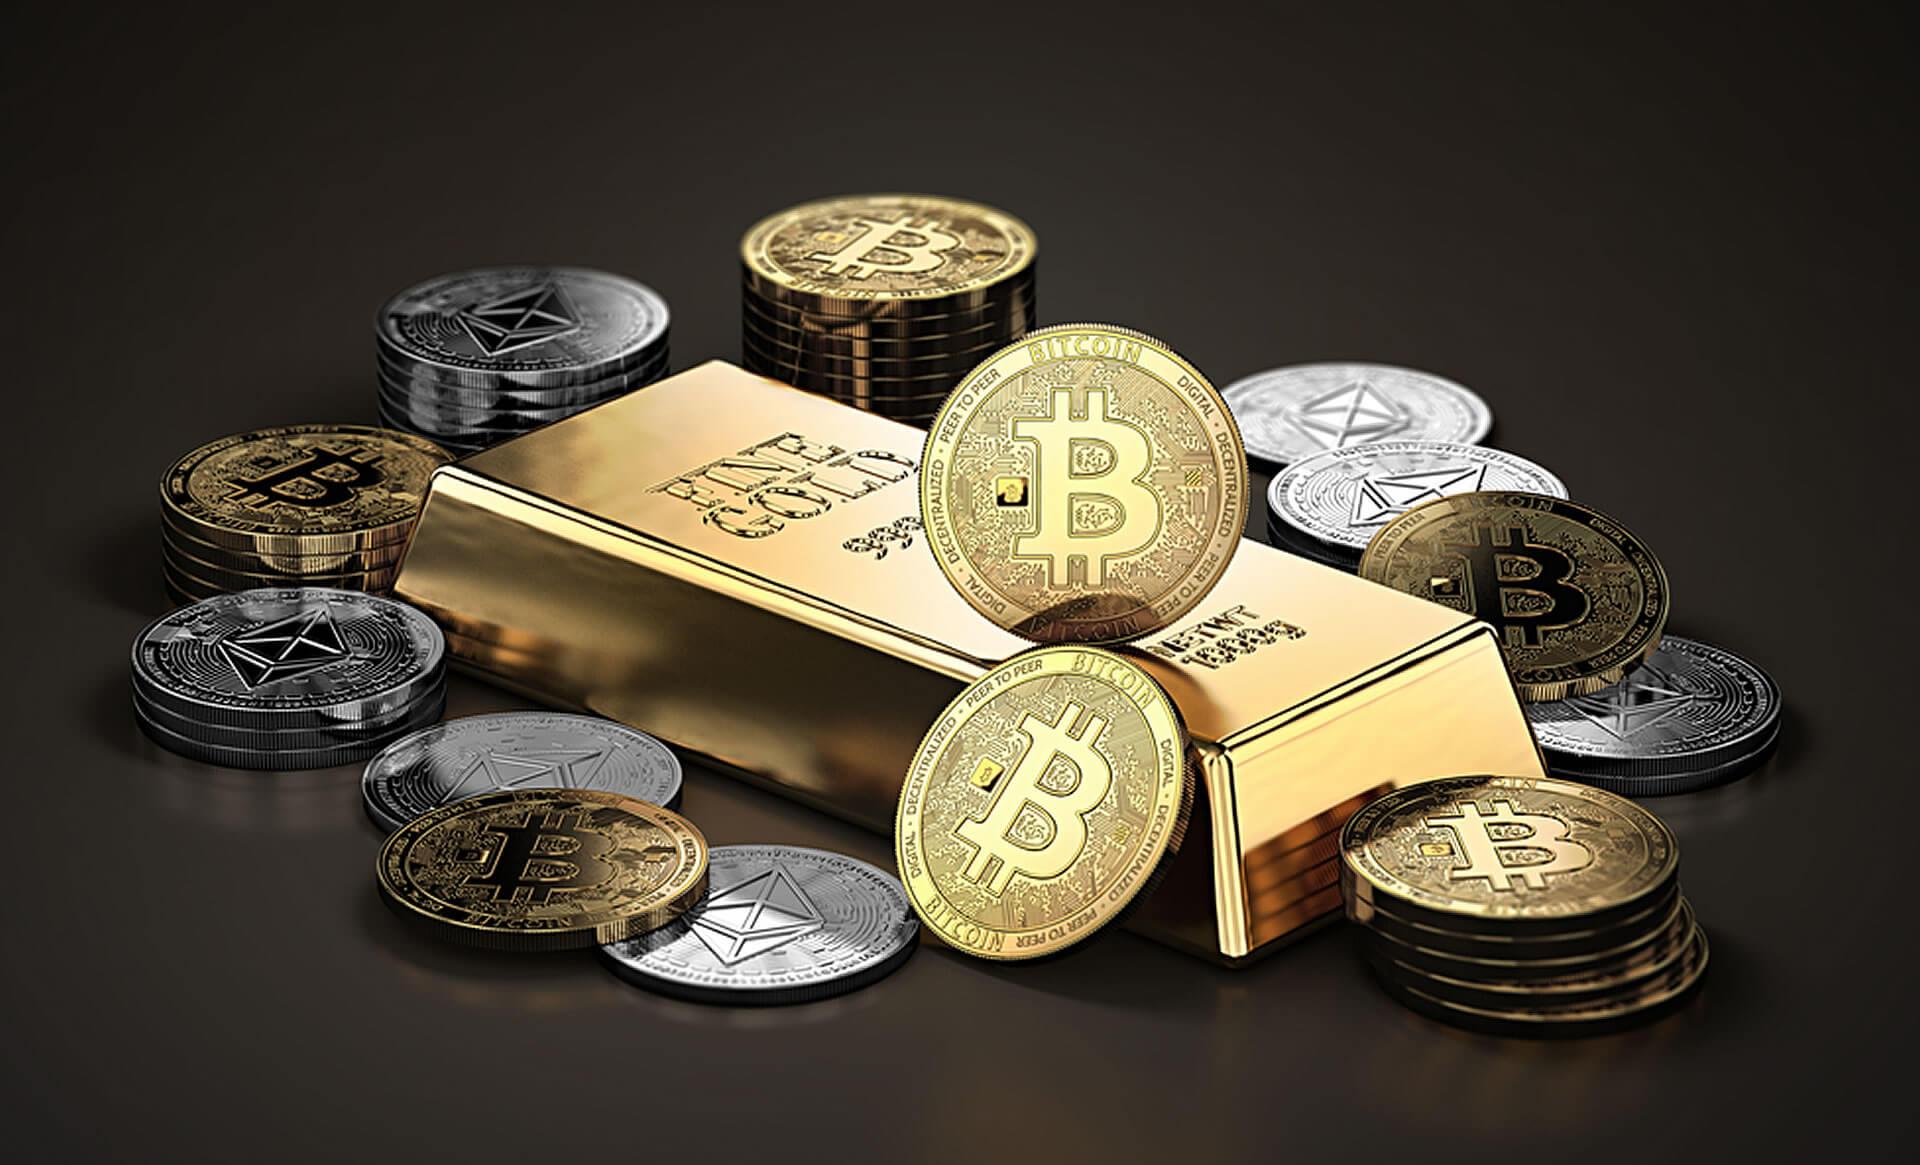 Altın ve Gümüş'ün Yükselişi Bitcoin'i Ne Yönde Etkileyebilir? 2 - Altın ve Gümüş